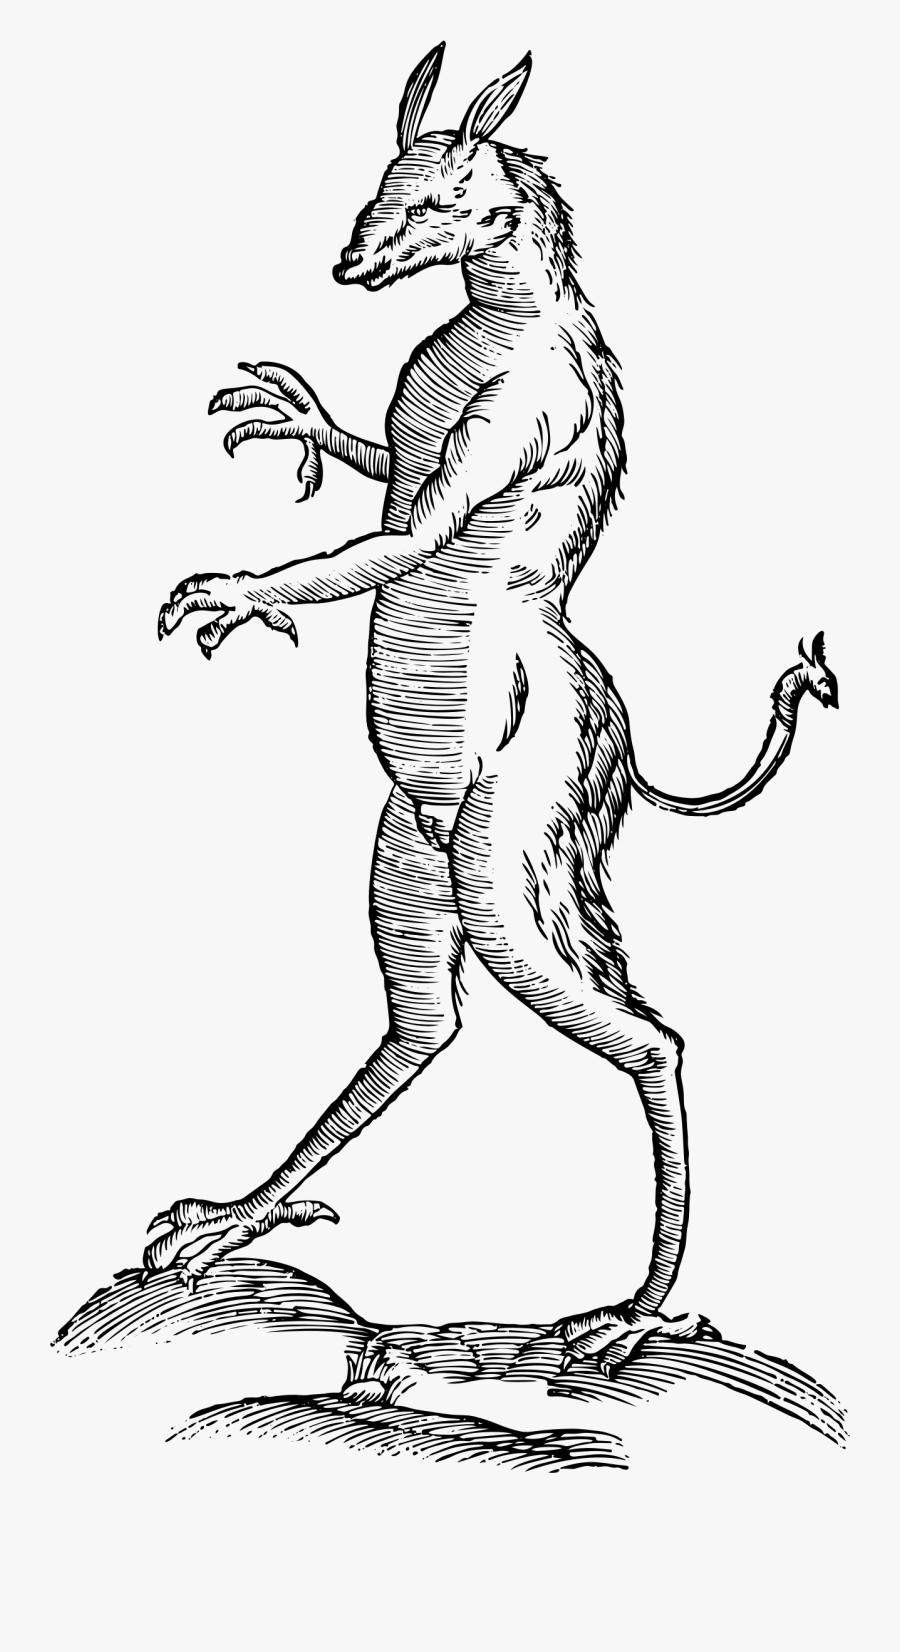 Vintage Mythical Illustration Big - Vintage Mythical Creature Illustration, Transparent Clipart